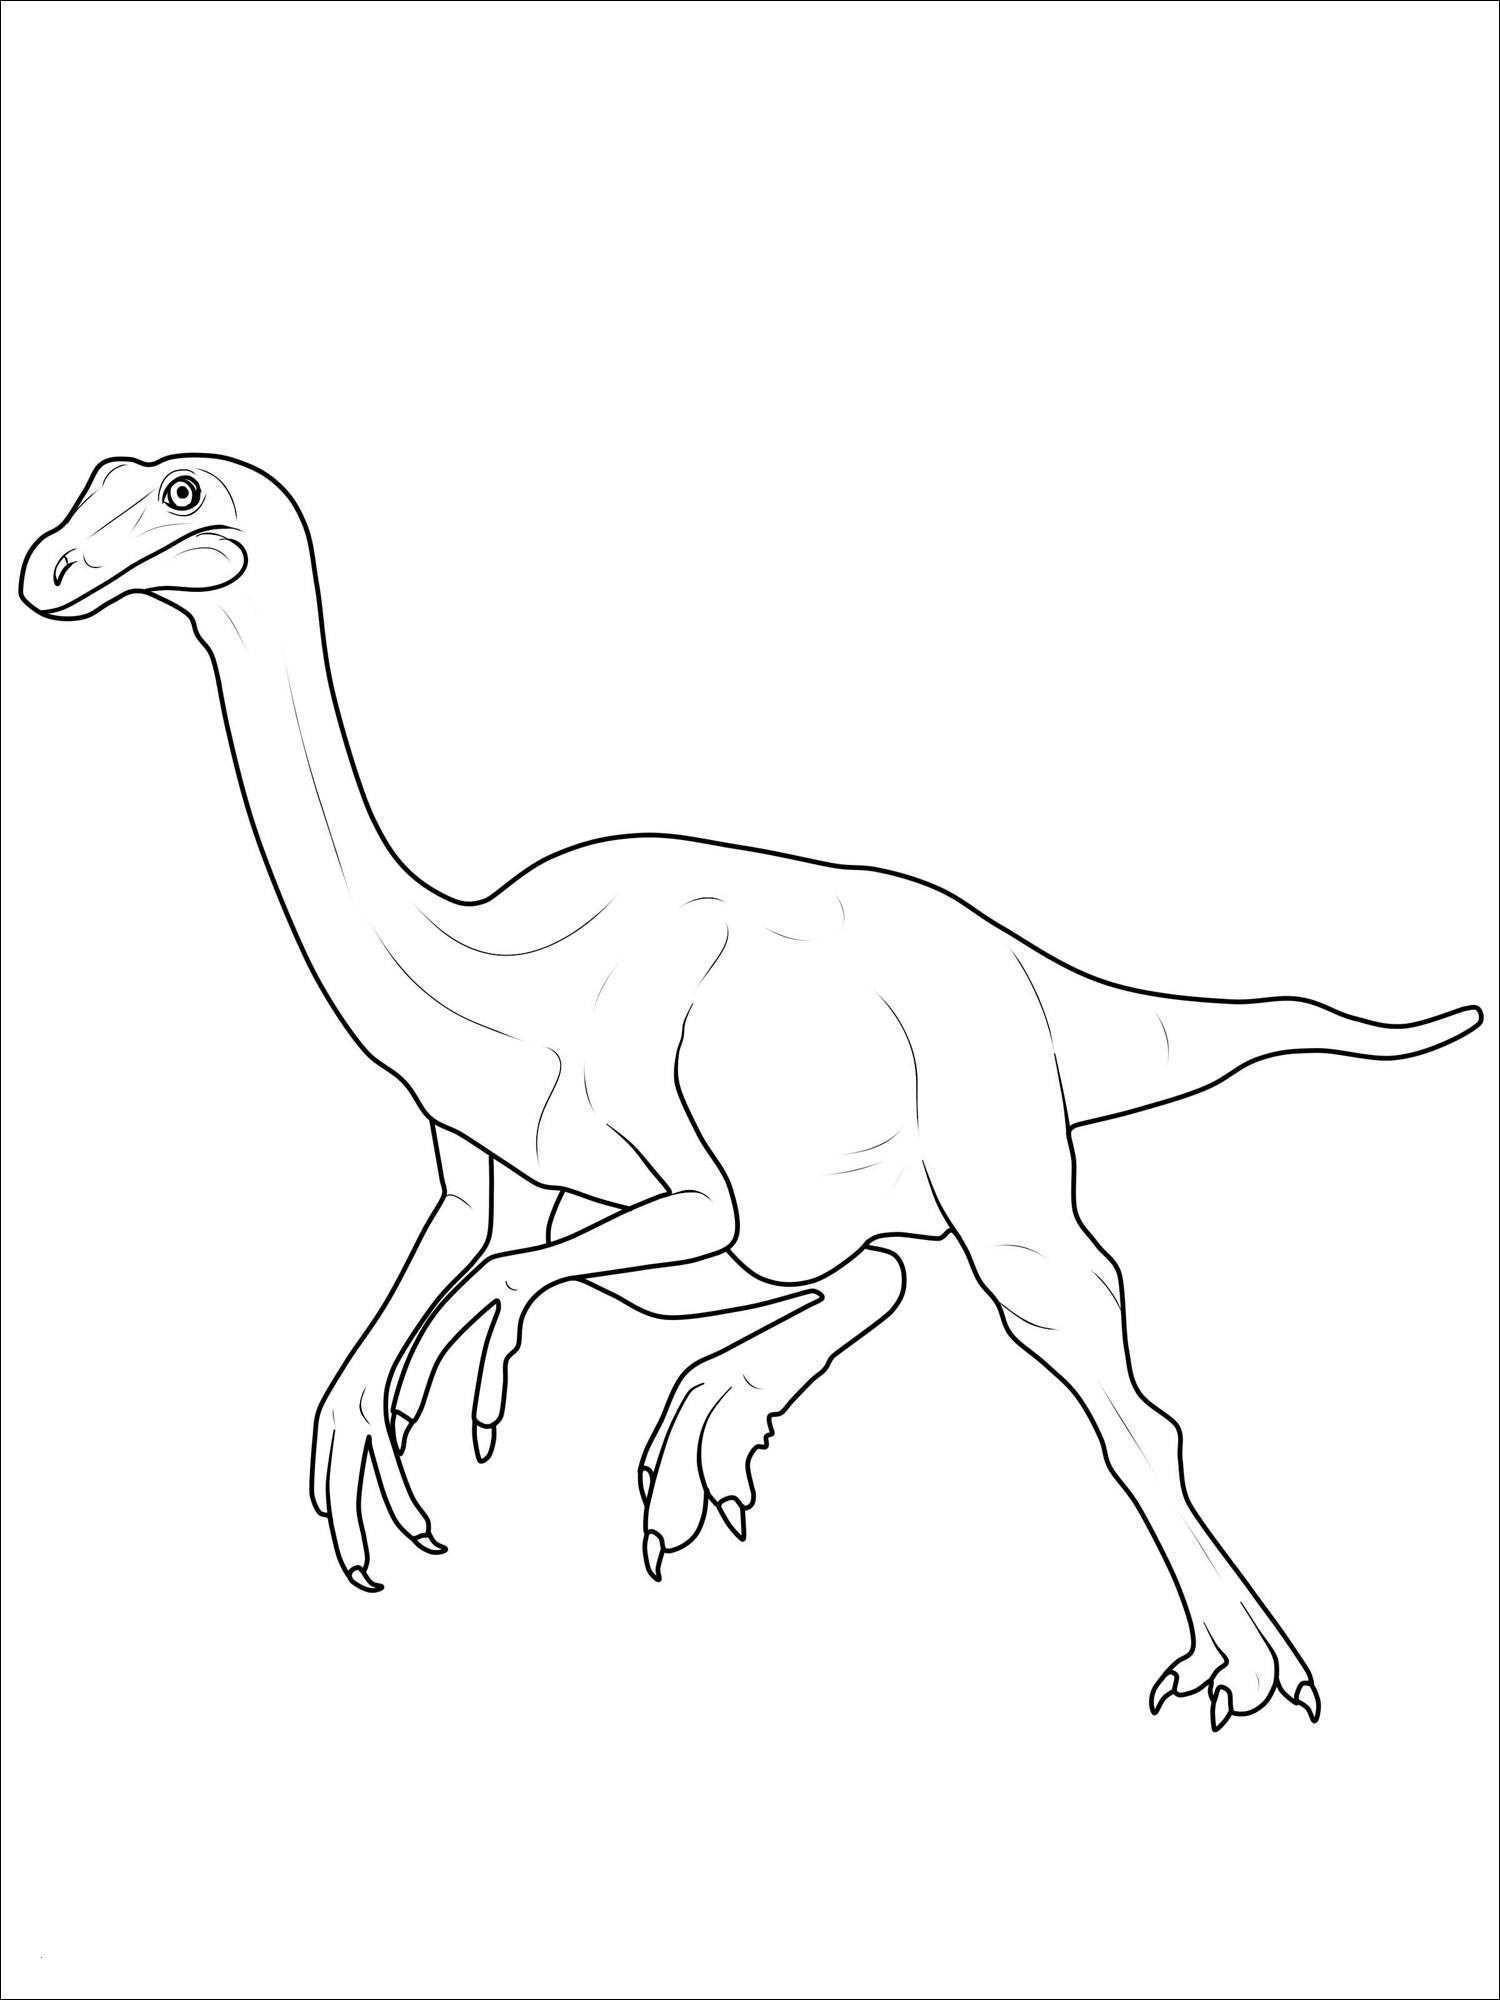 Steinzeit Bilder Zum Ausmalen Frisch Ausmalbilder Dinos Kostenlos Galerie Malvorlagen Igel Best Igel Bild